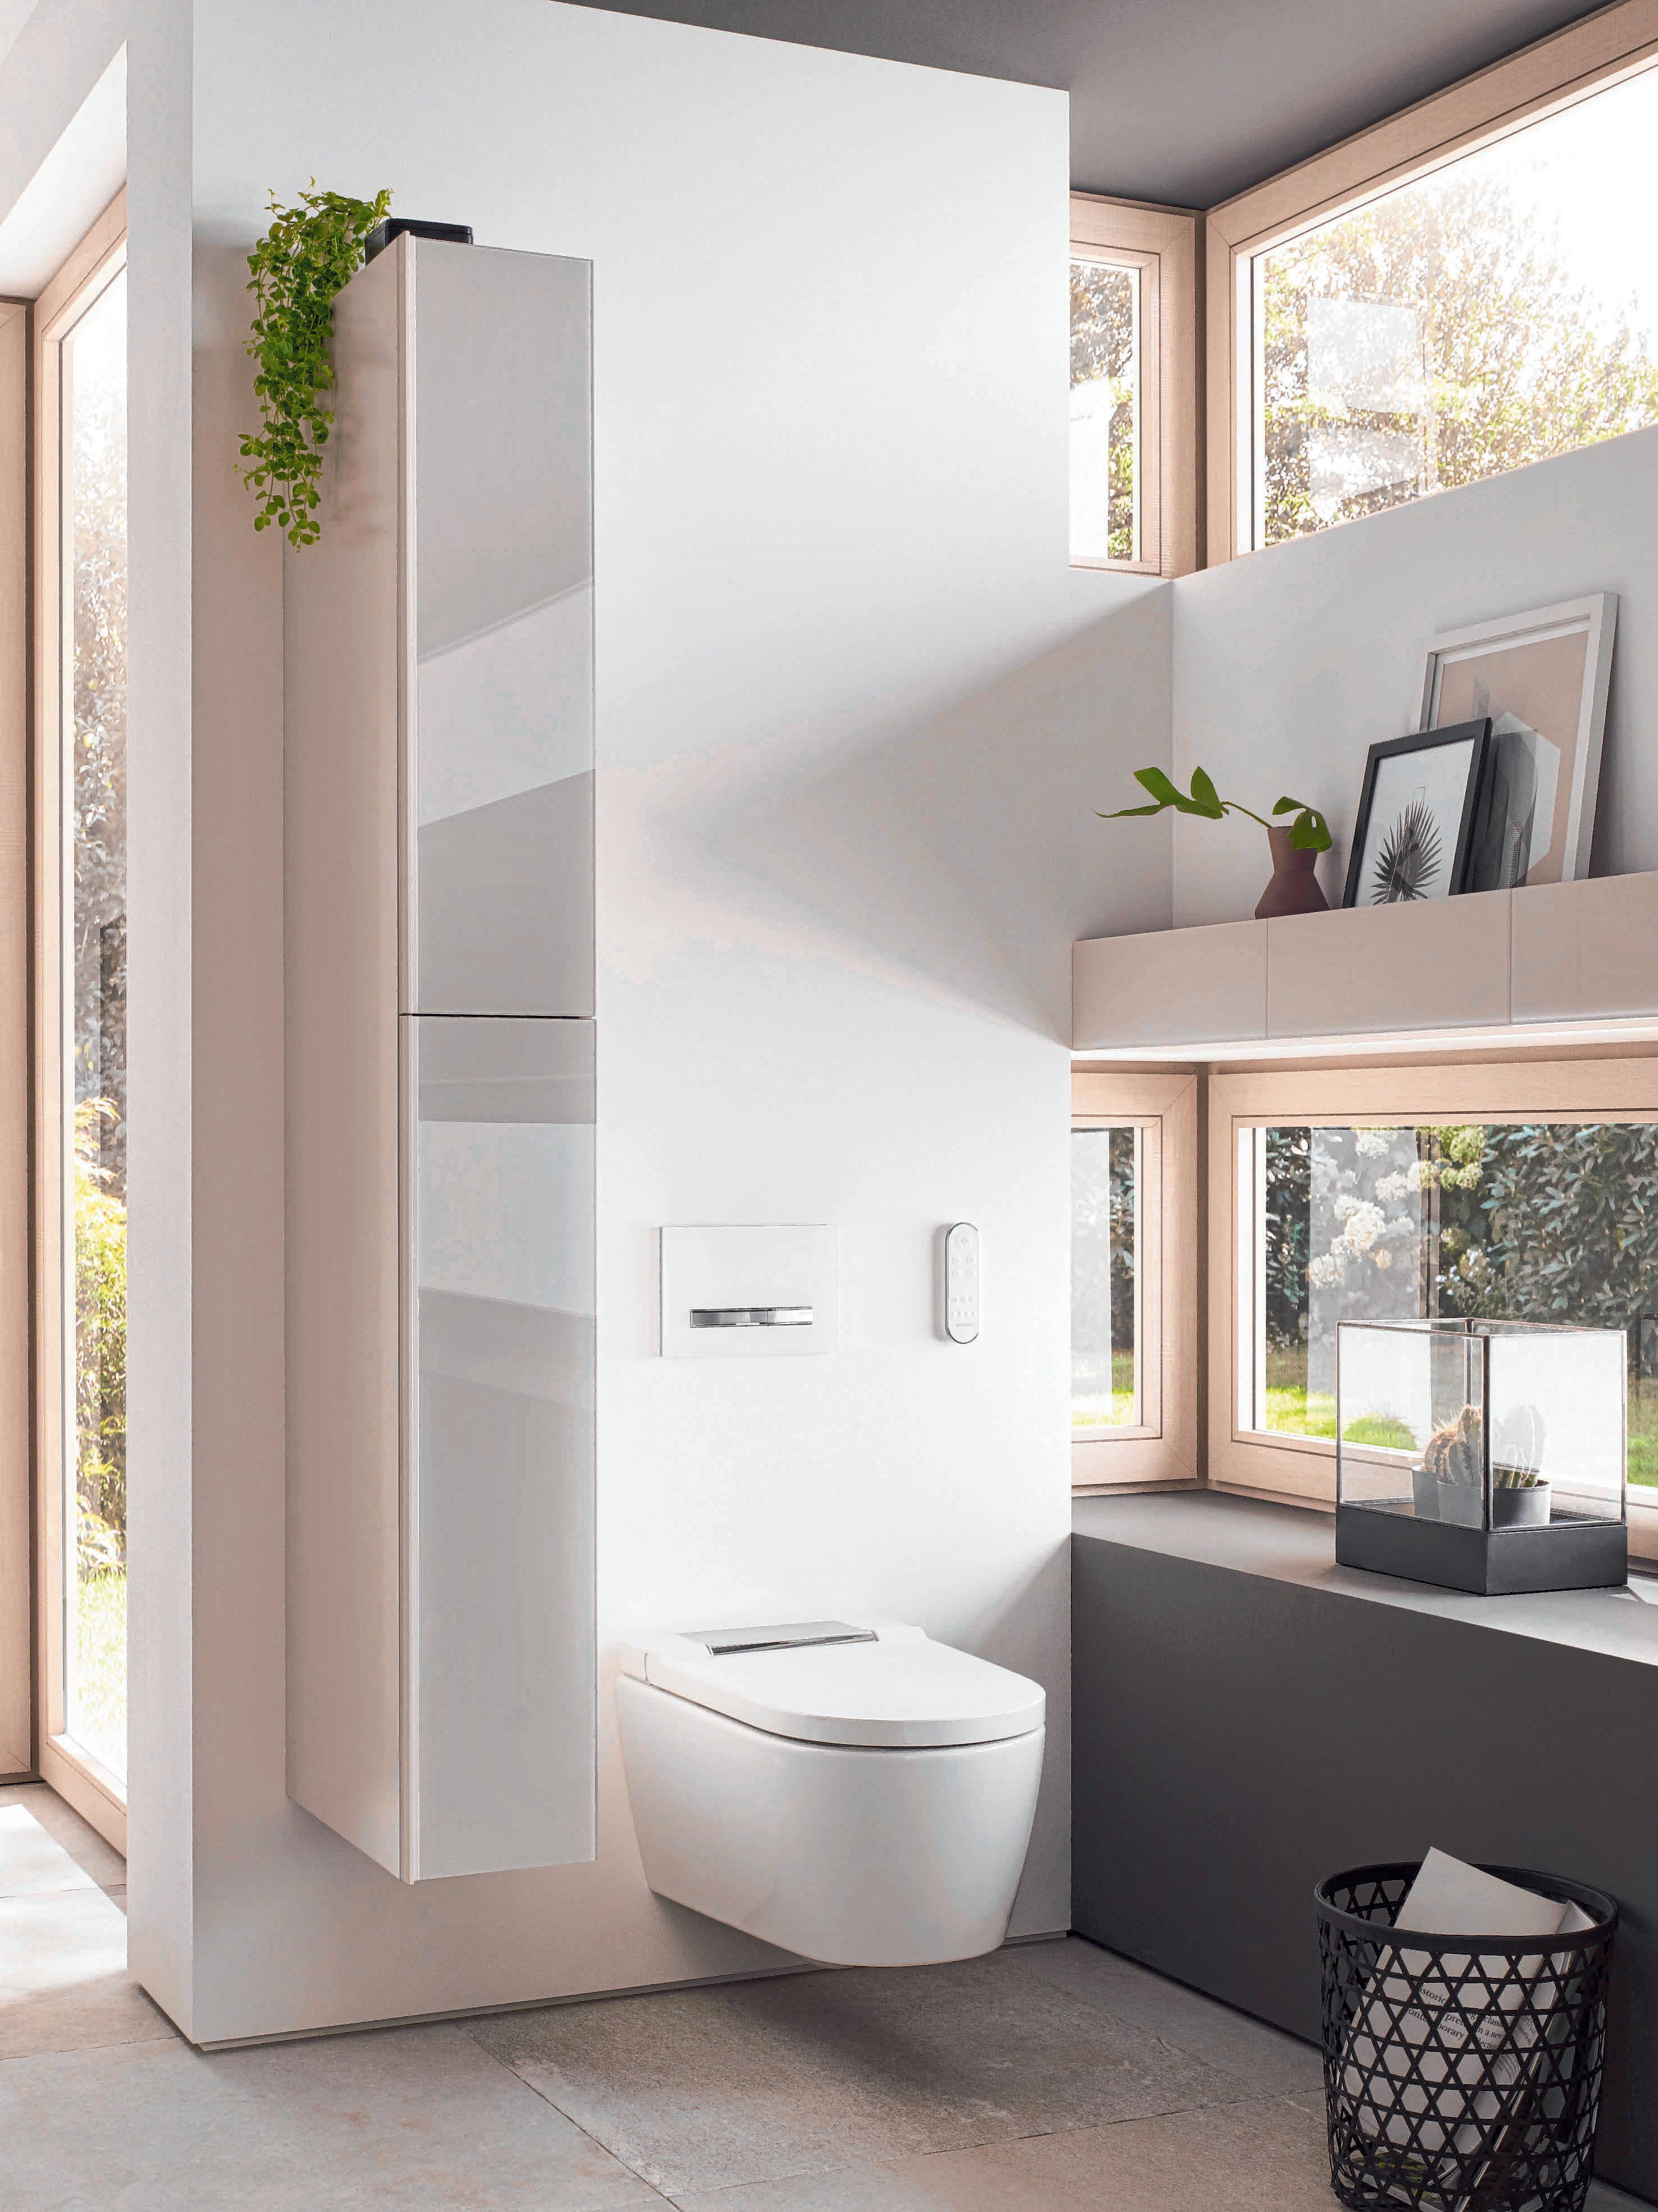 Föhn oder Sitzheizung machen den WC-Besuch komfortabler.